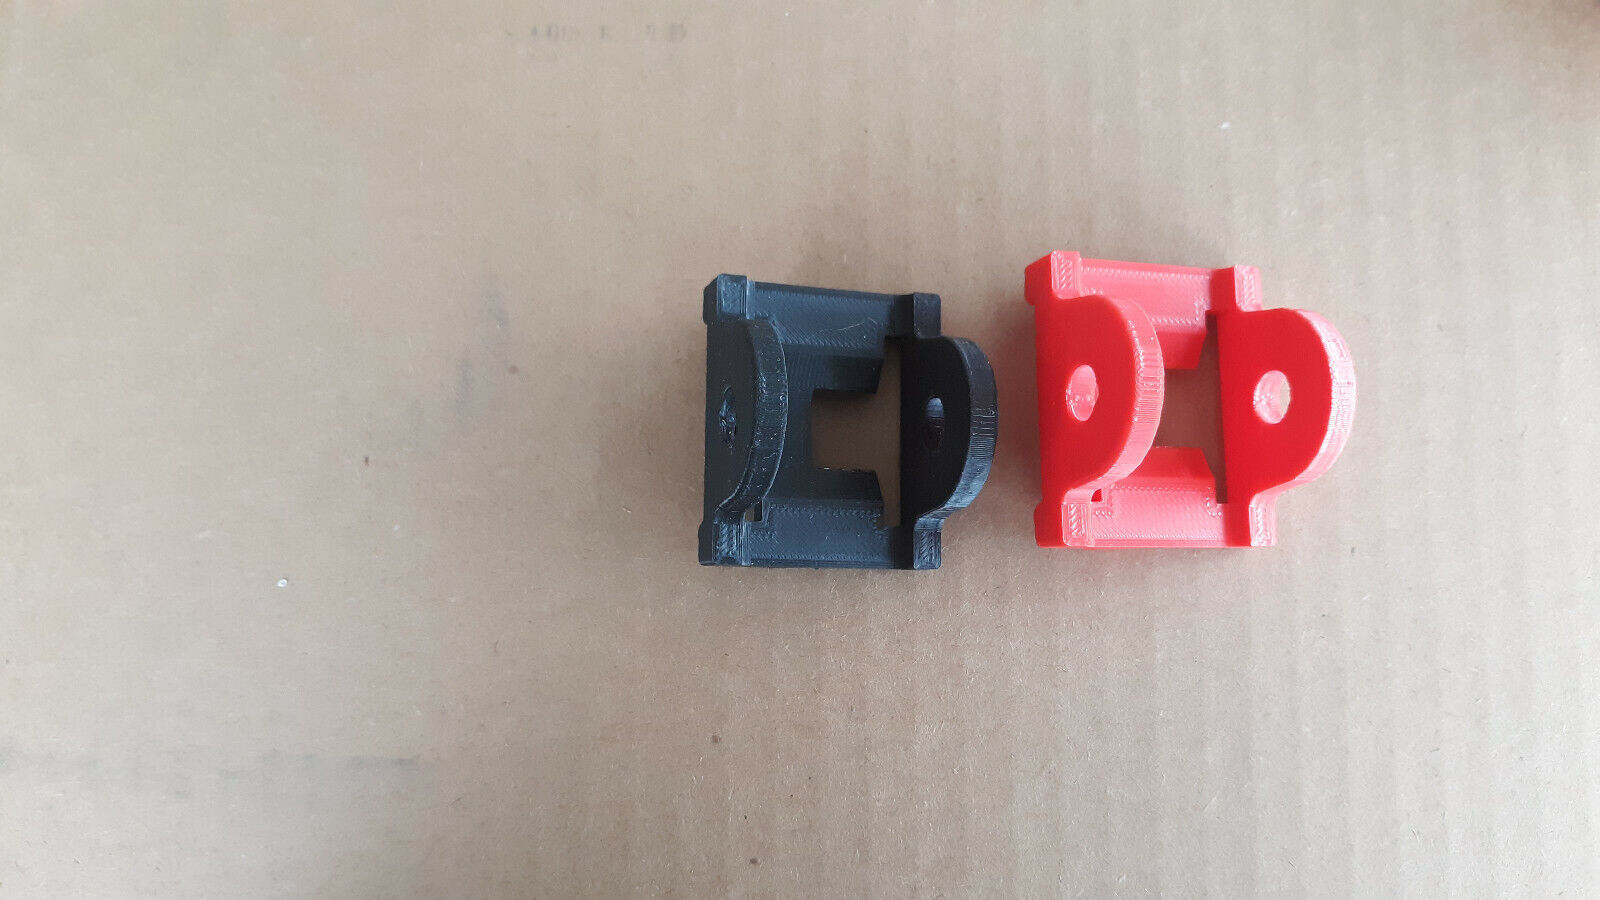 minelab equinox 6 inch coil stiffener